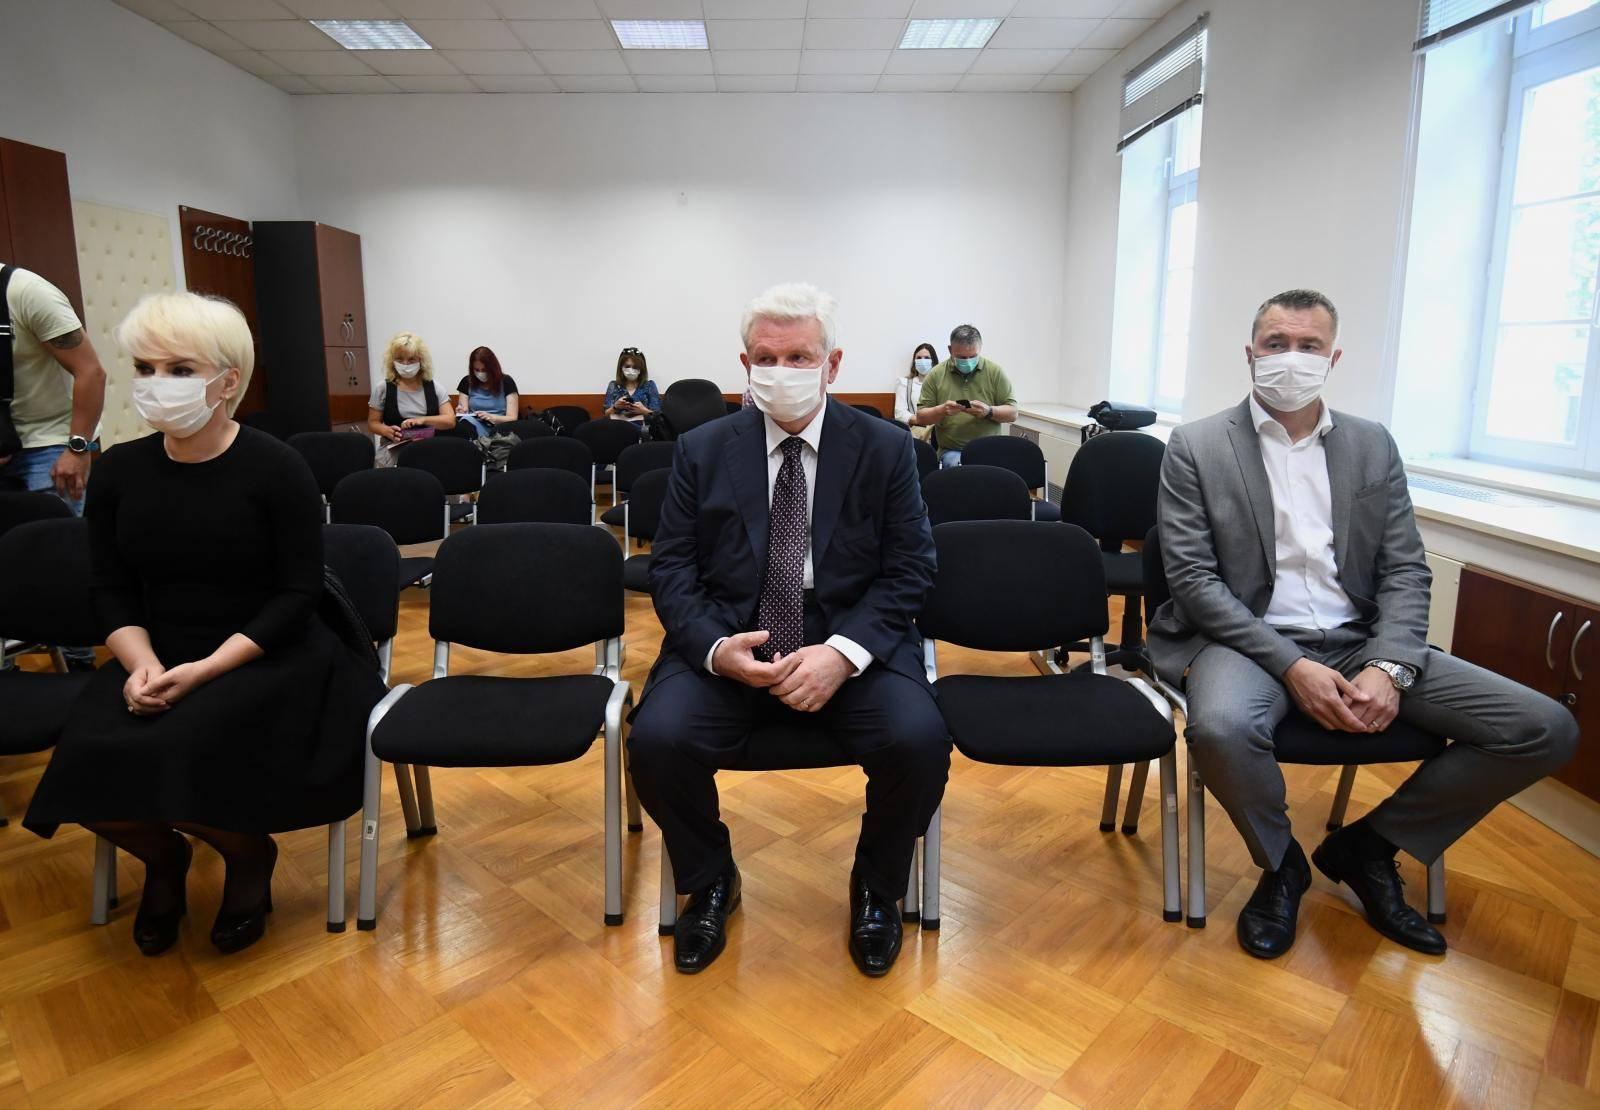 Zagreb: Ivica Todorić i drugi optuženi na suđenju uz obavezne zaštitne maske preko lica